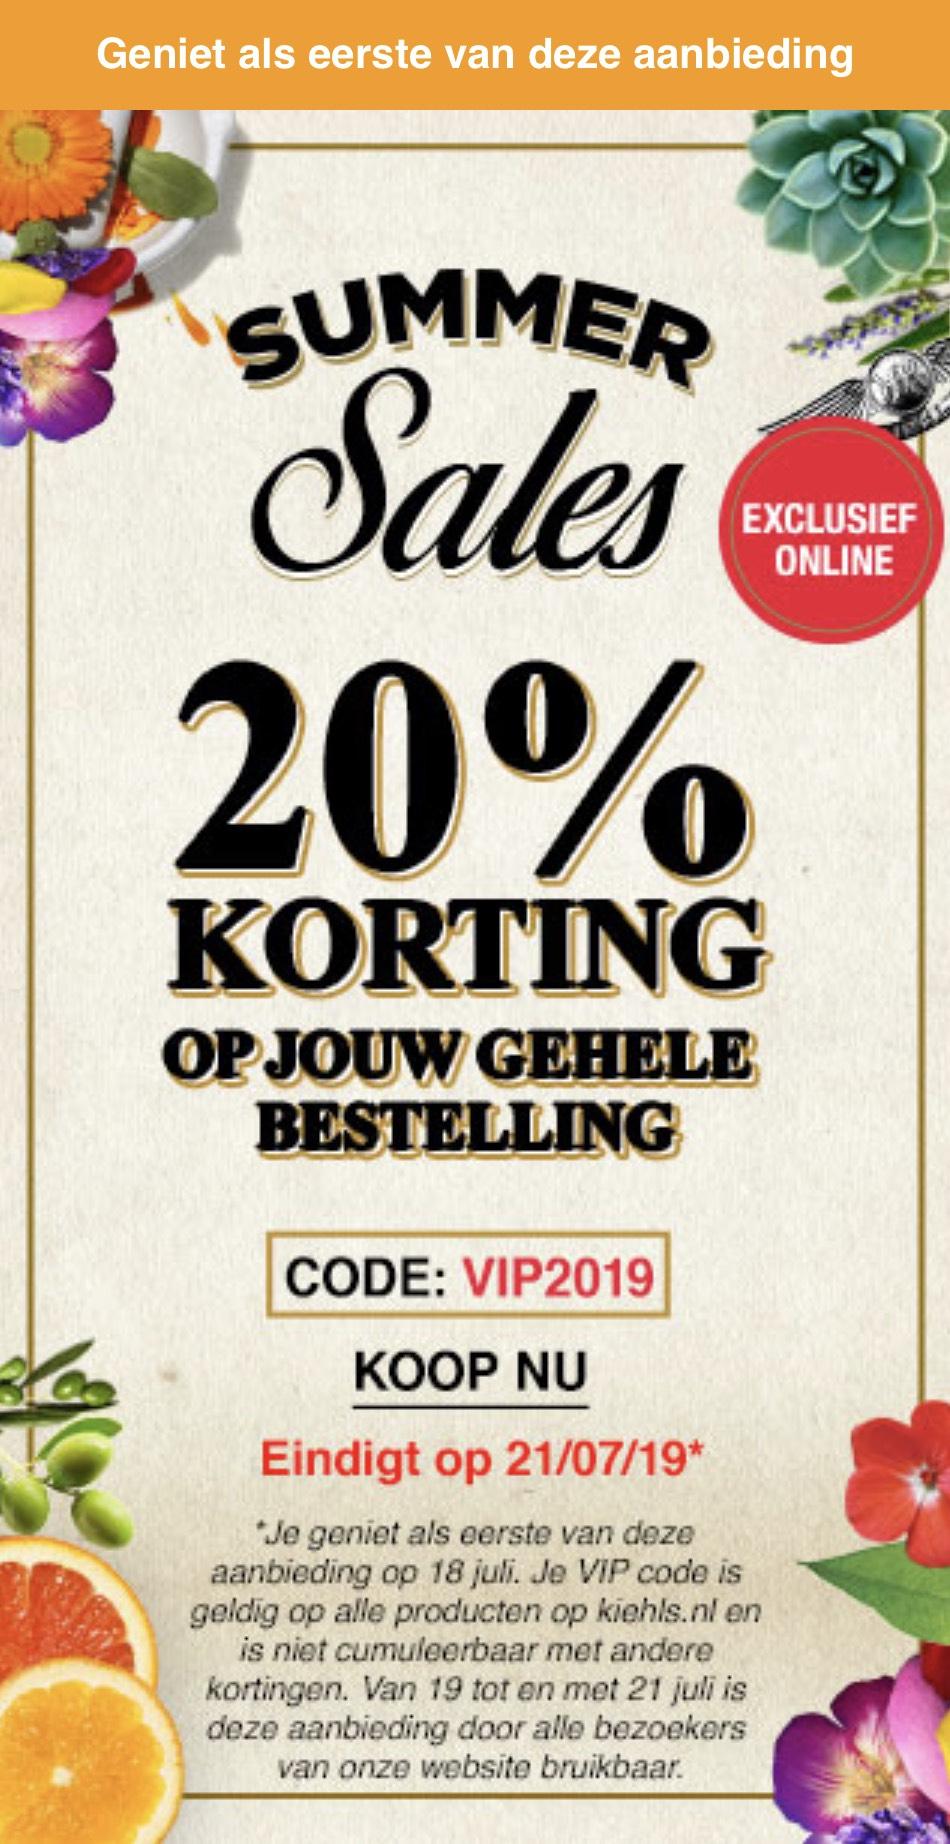 Kiehl's geeft 20% korting op jouw bestelling!